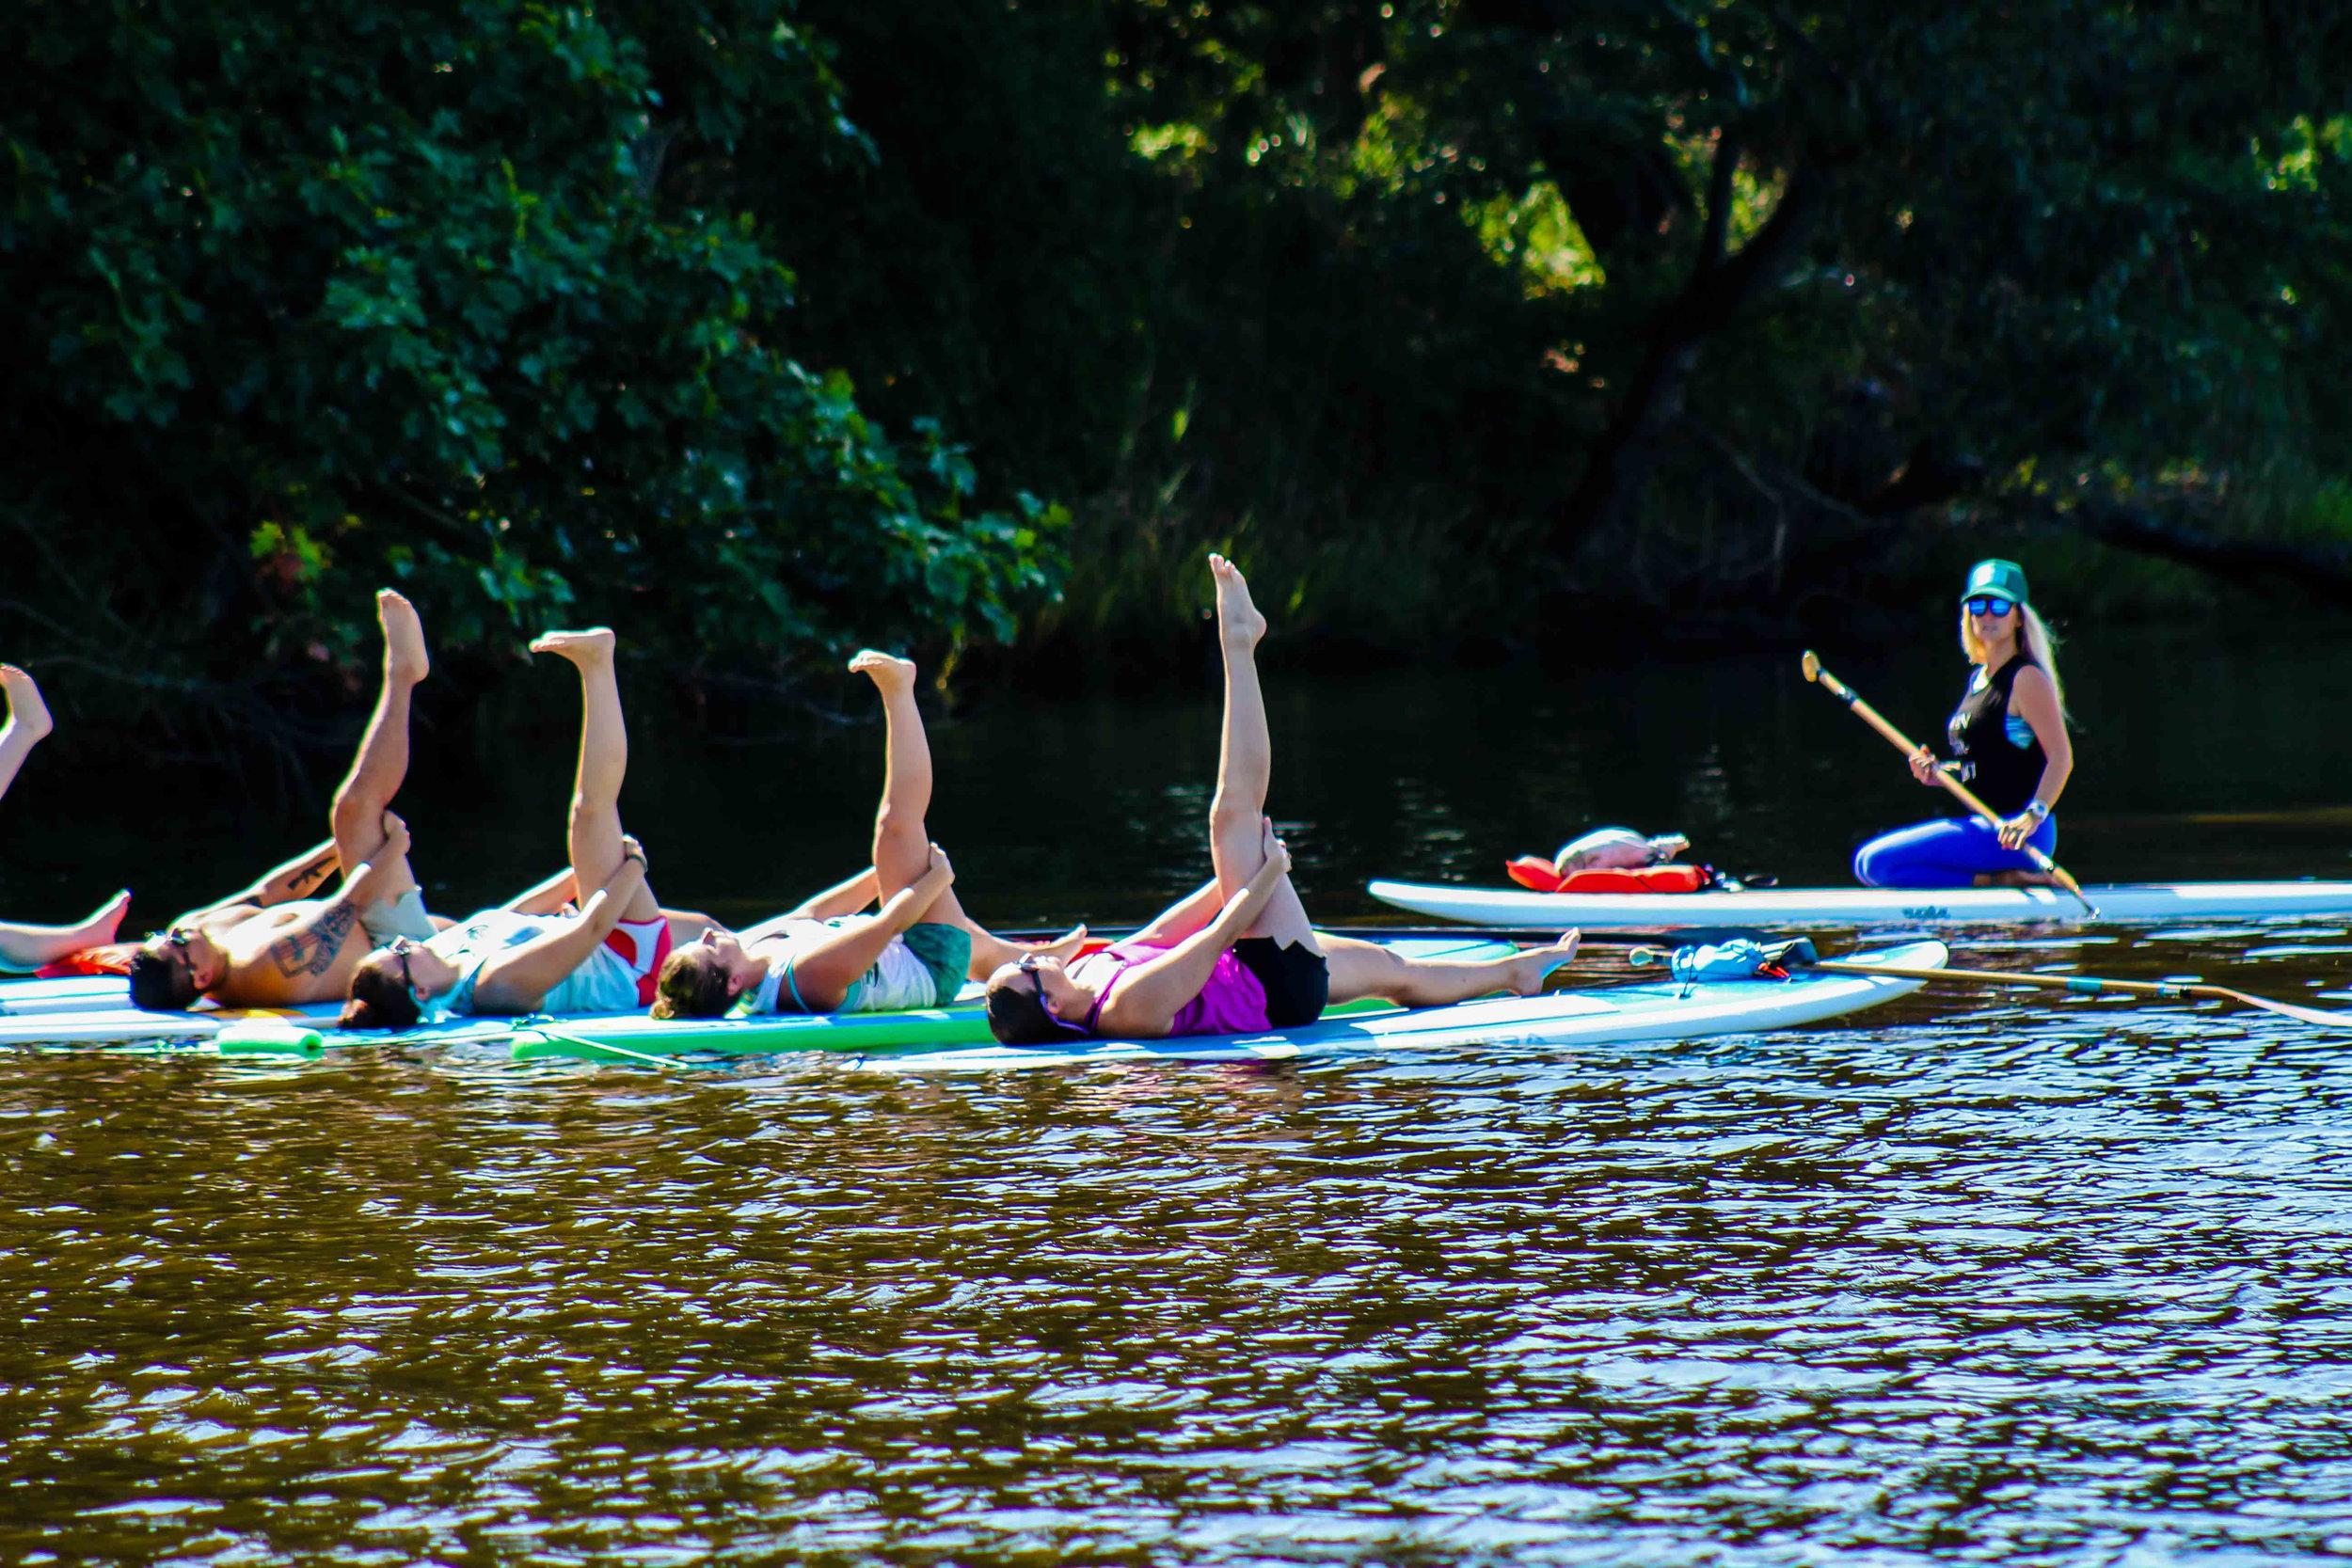 Taylee Wilson - SUP Yoga Group - Ocean City.jpg